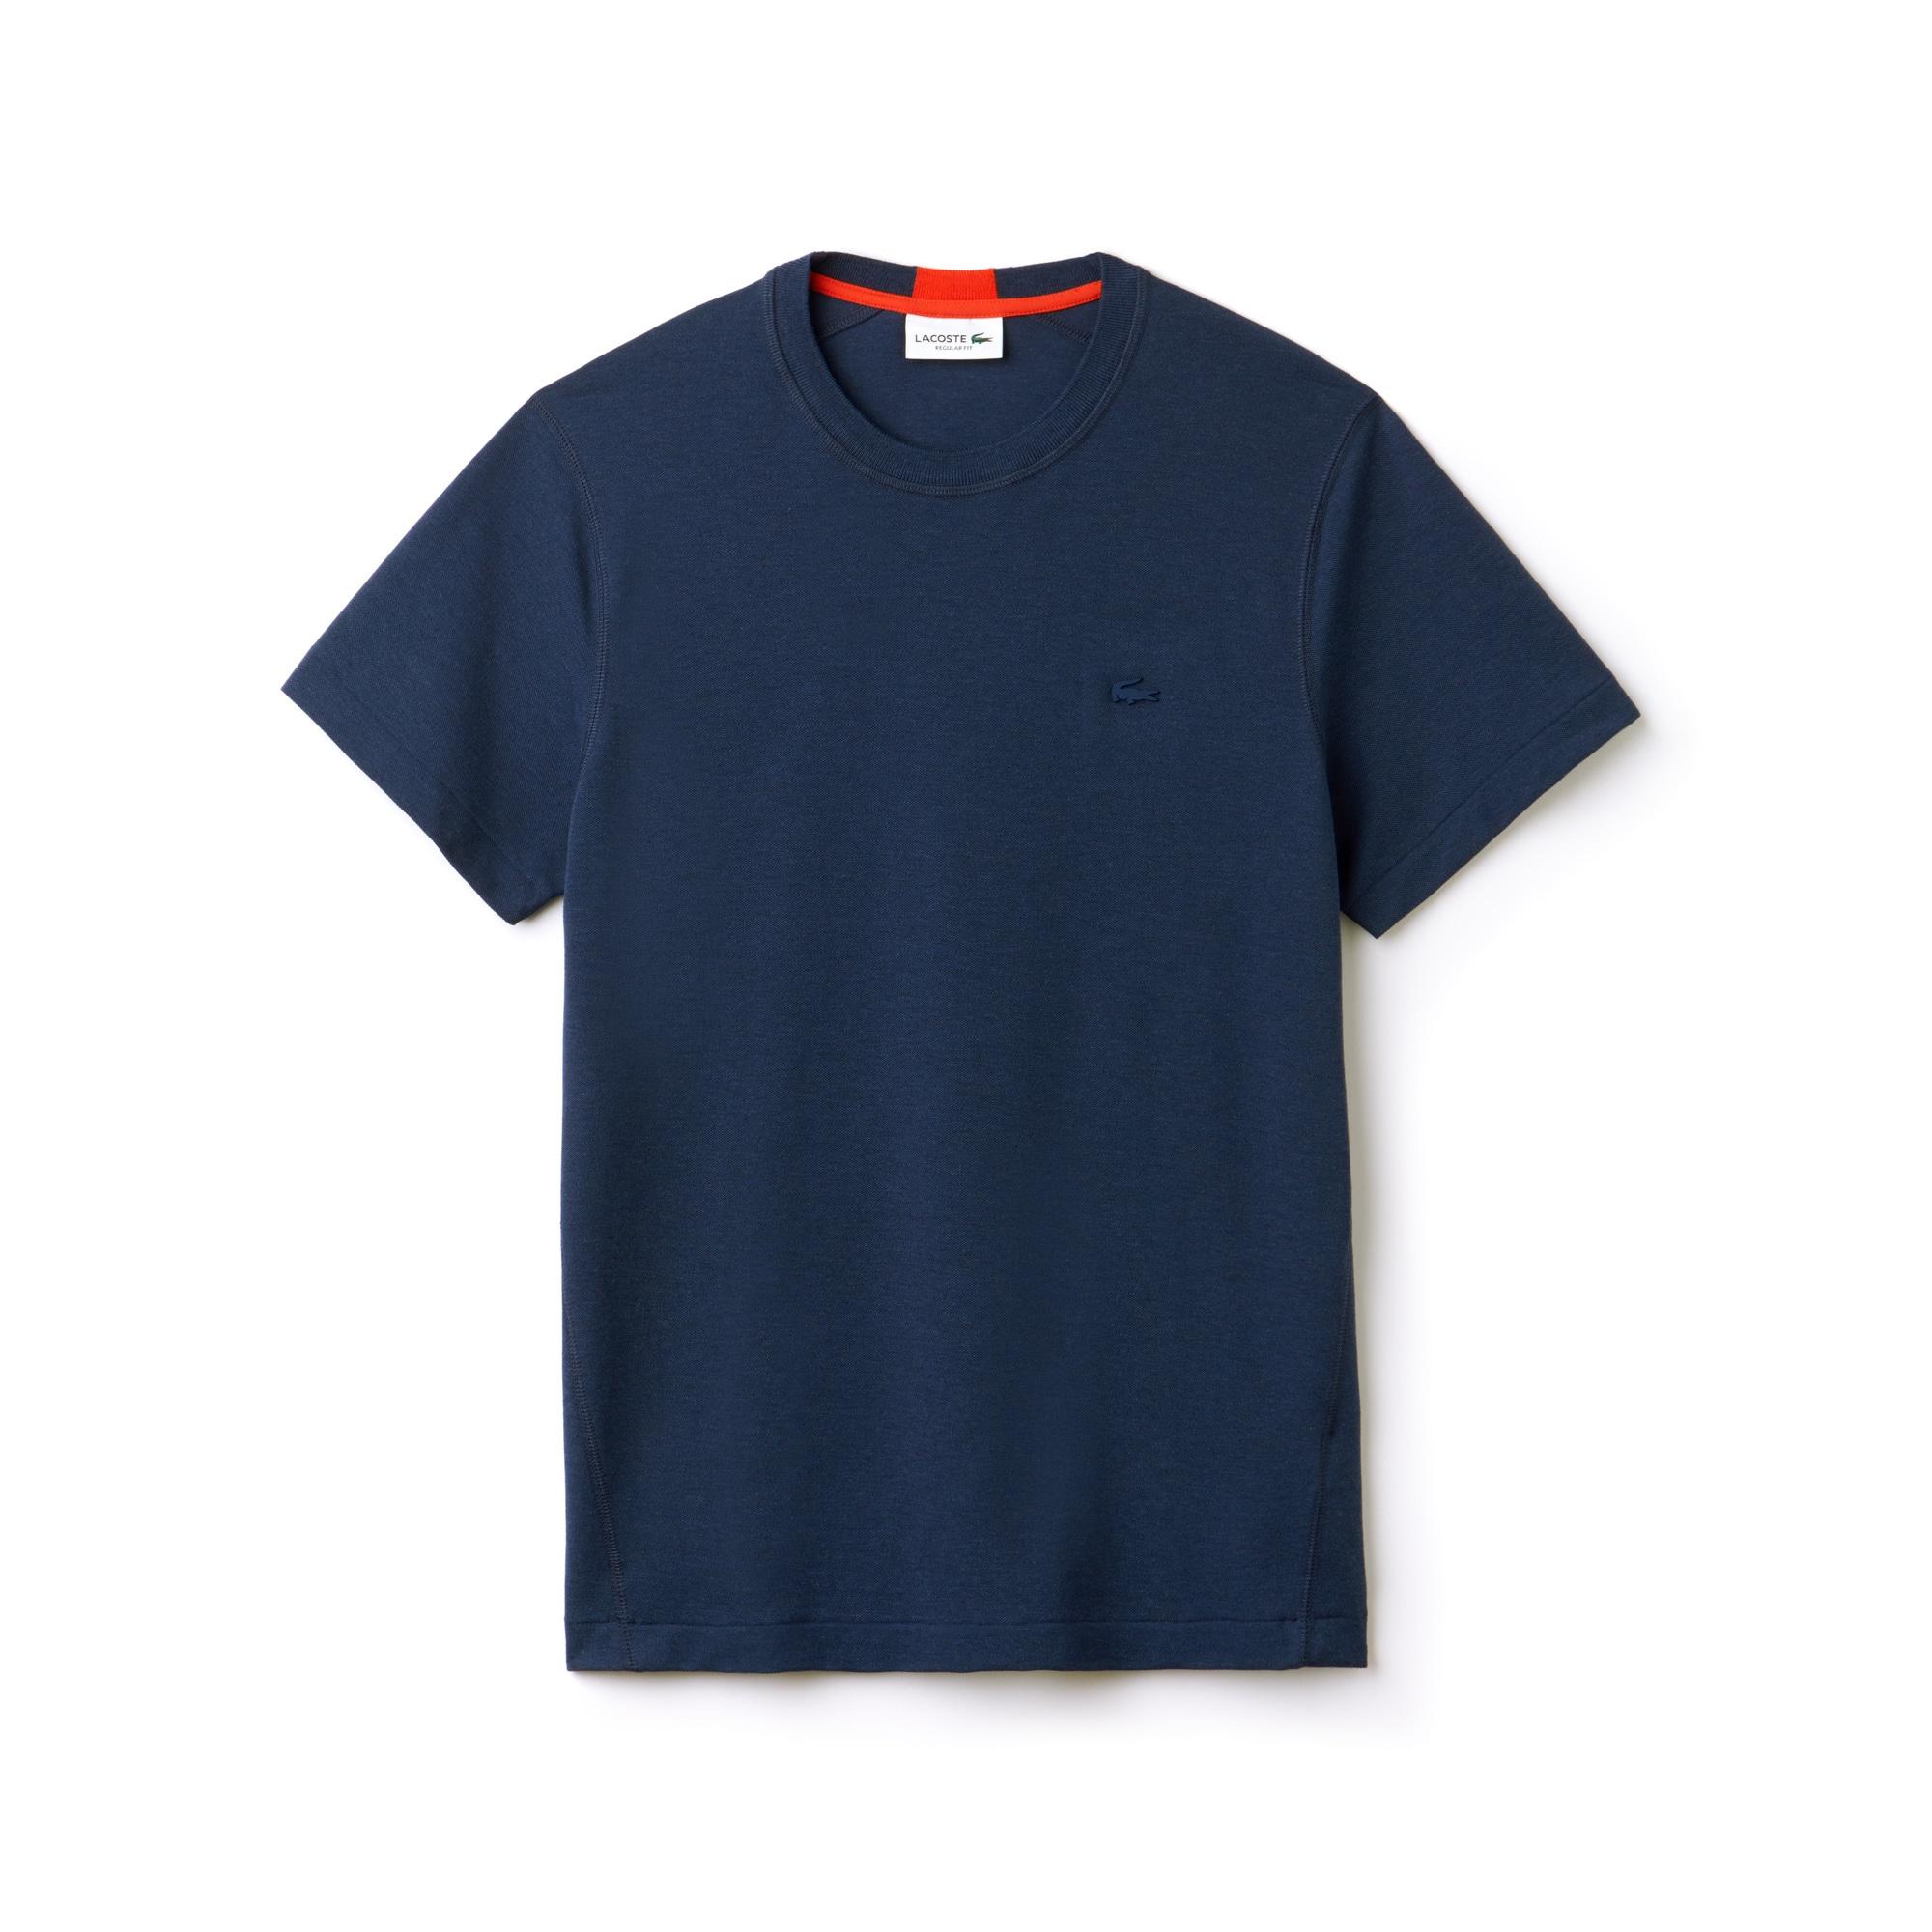 (남성) 라코스테 모션 크루넥 기능성 쁘띠 피케 티셔츠